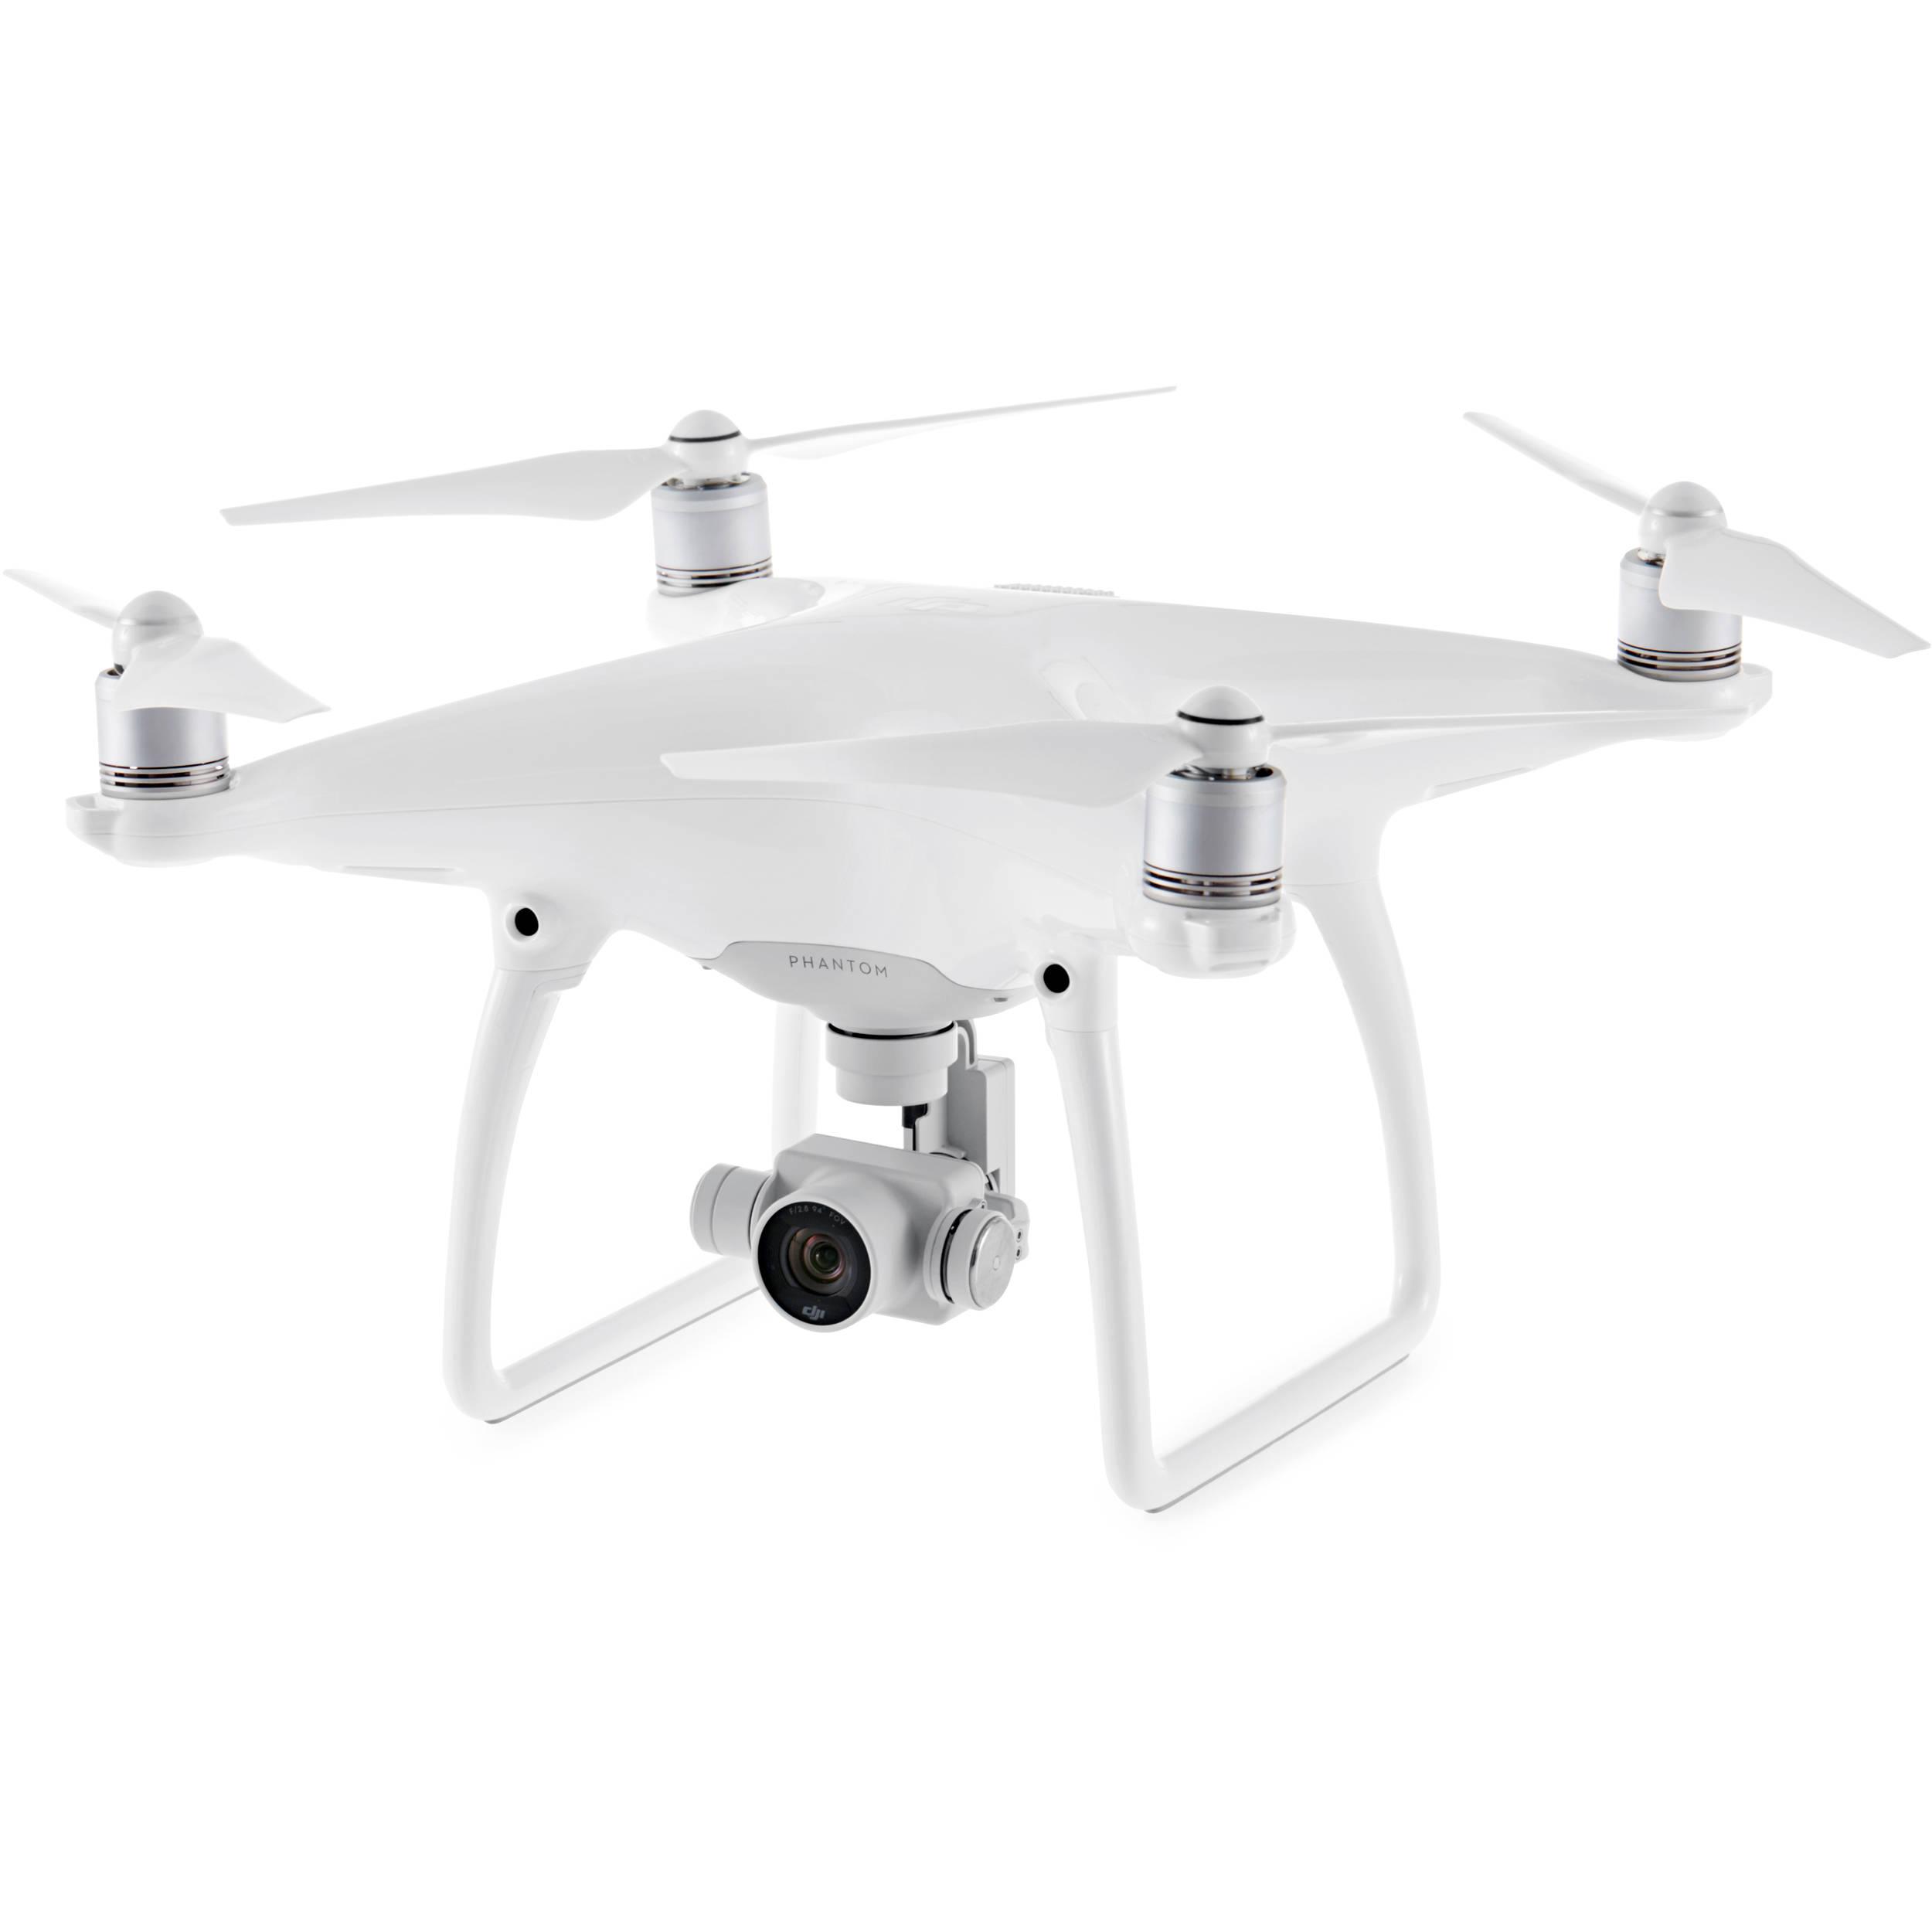 dji_cp_pt_000312_phantom_4_professional_quadcopter_1235779